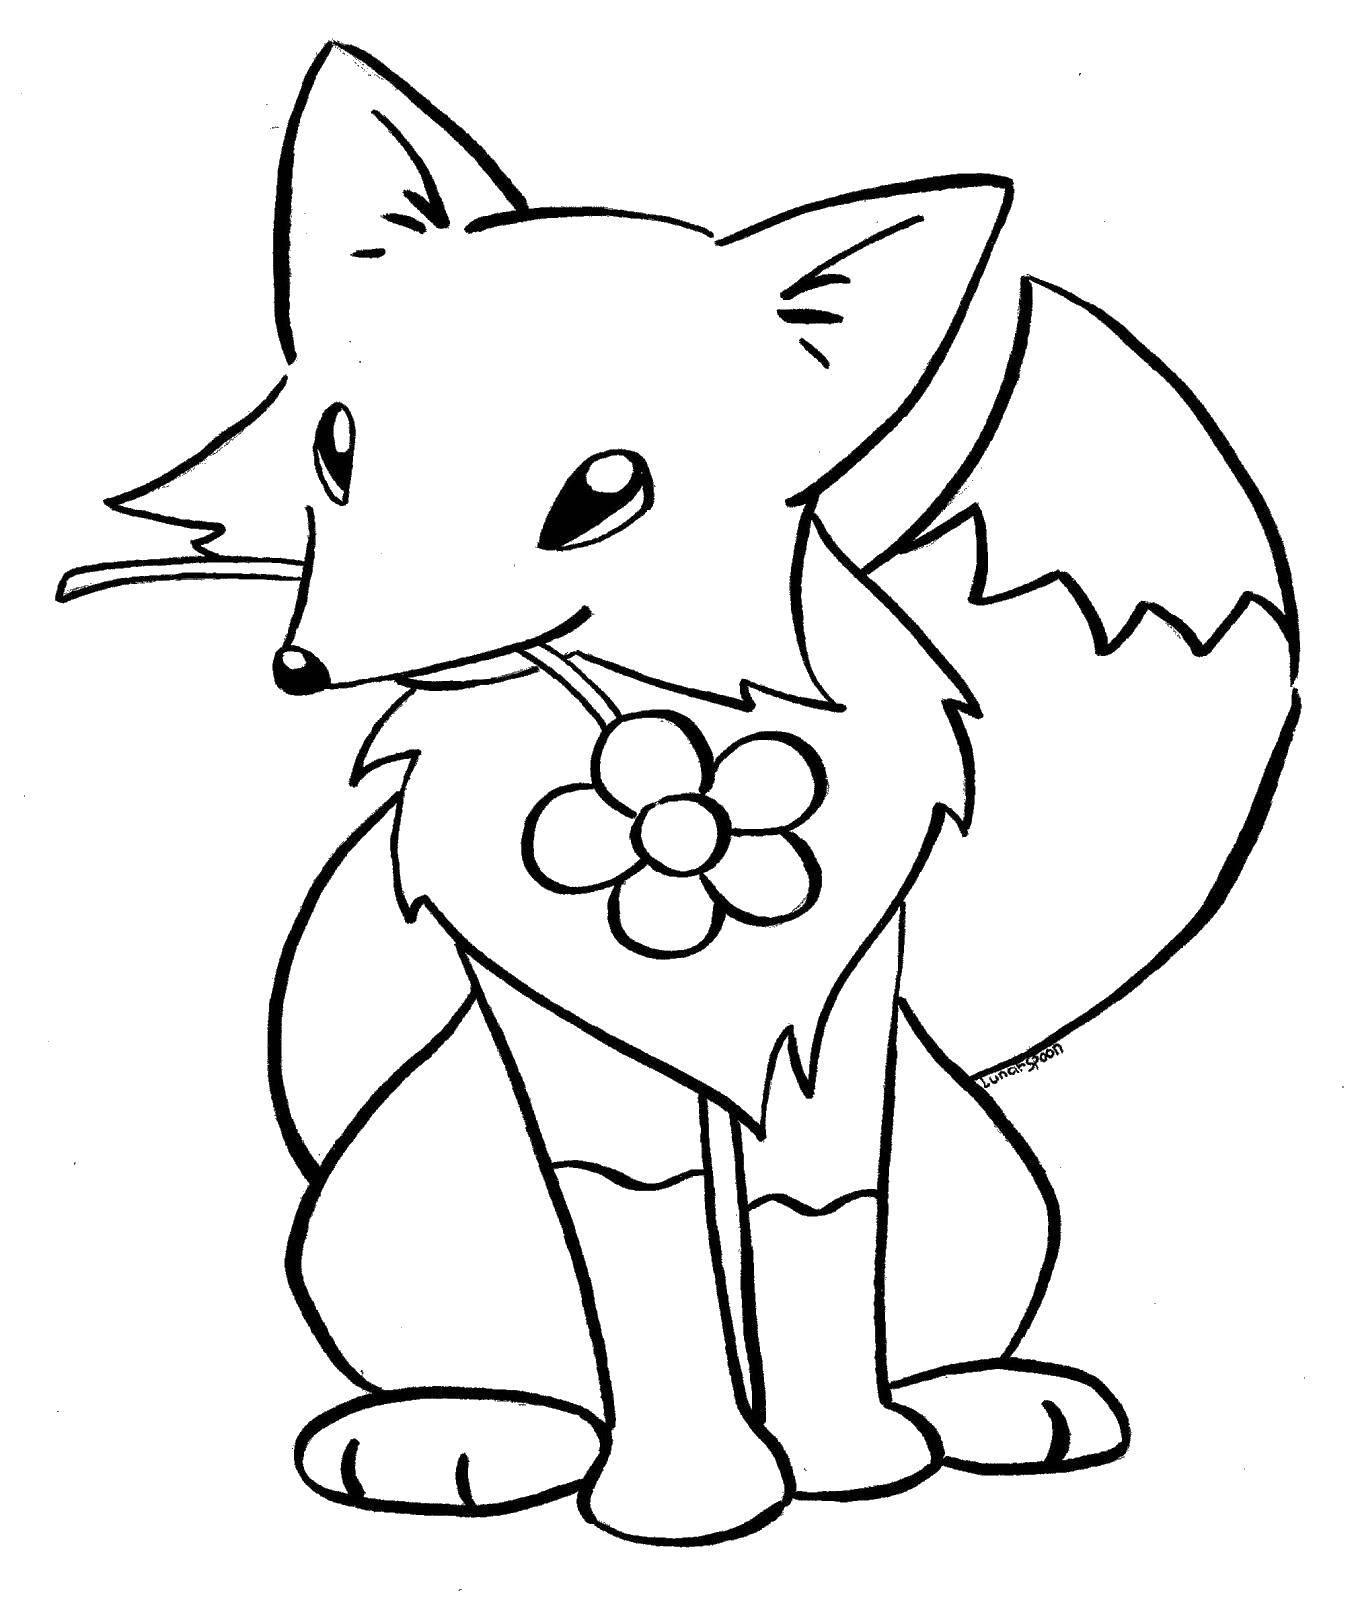 Раскраска Лисичка с цветочком Скачать животные, лиса, лисичка, цветок.  Распечатать ,Животные,